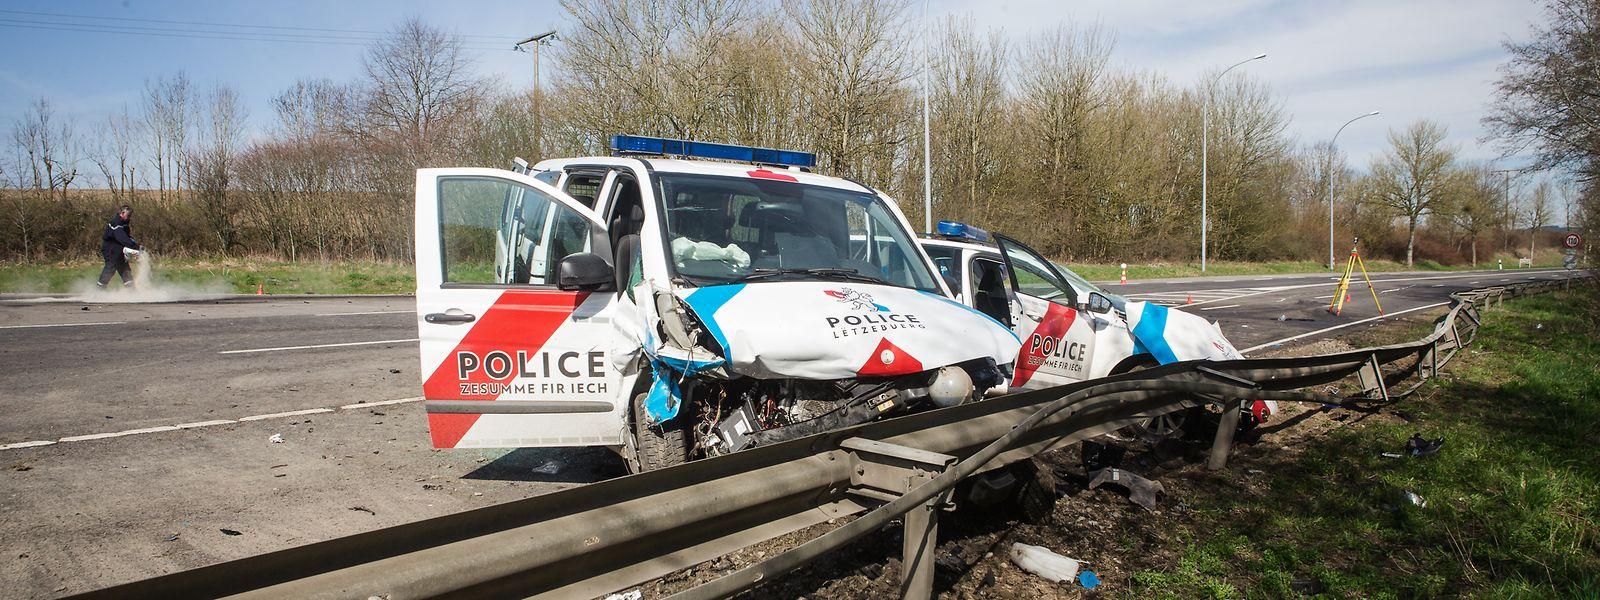 Der Polizeibus hatte den Streifenwagen mit voller Wucht erfasst, als das Auto ein Wendemanöver durchführte.